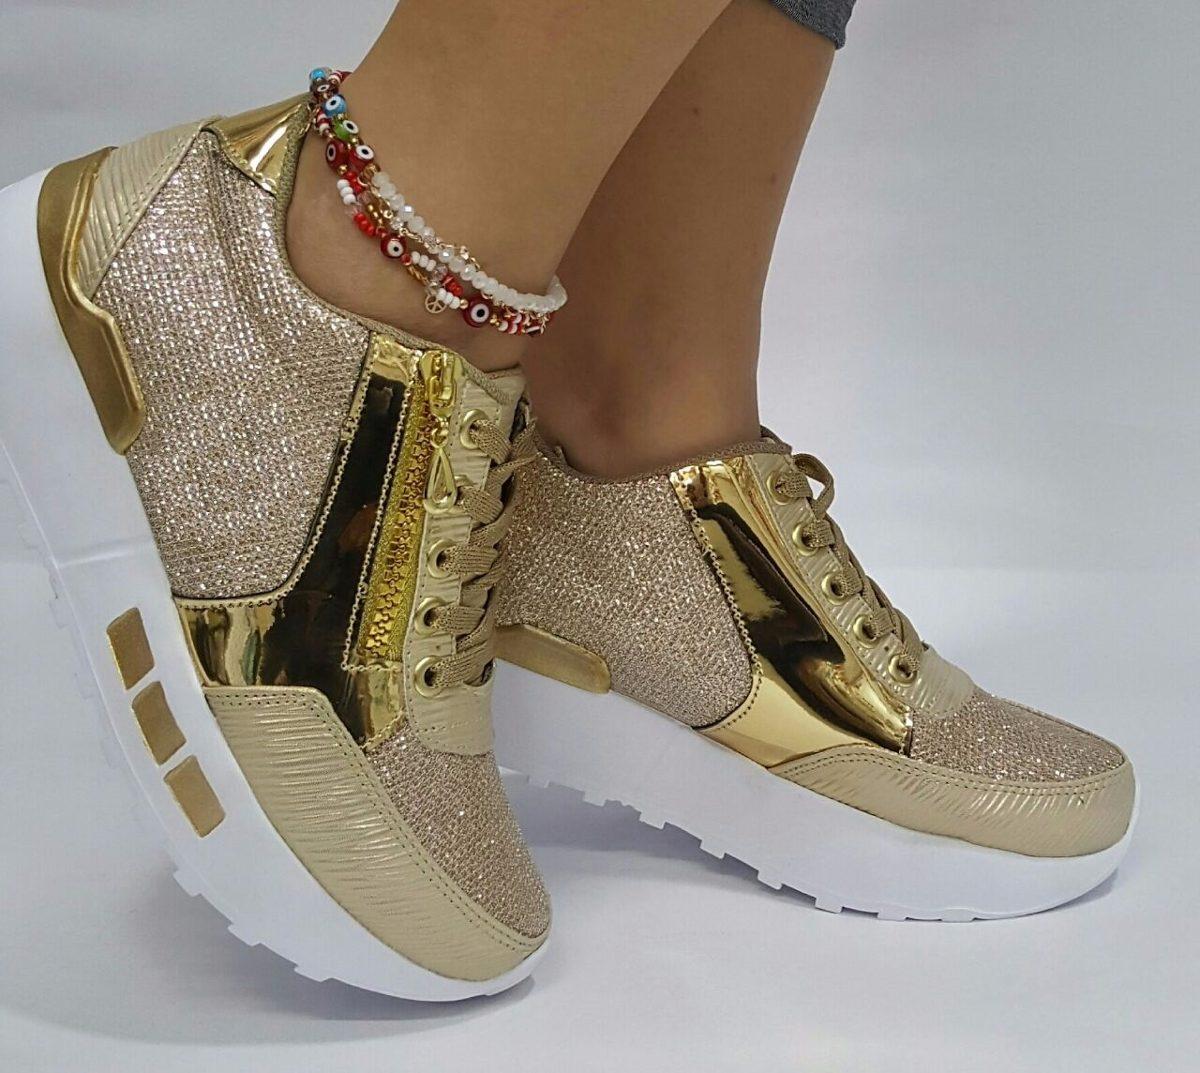 Entra en la web de Nike para descubrir la colección de zapatillas y ropa de tenis para mujer de la que dispone. ¡Hazte con lo que más te guste y disfruta!